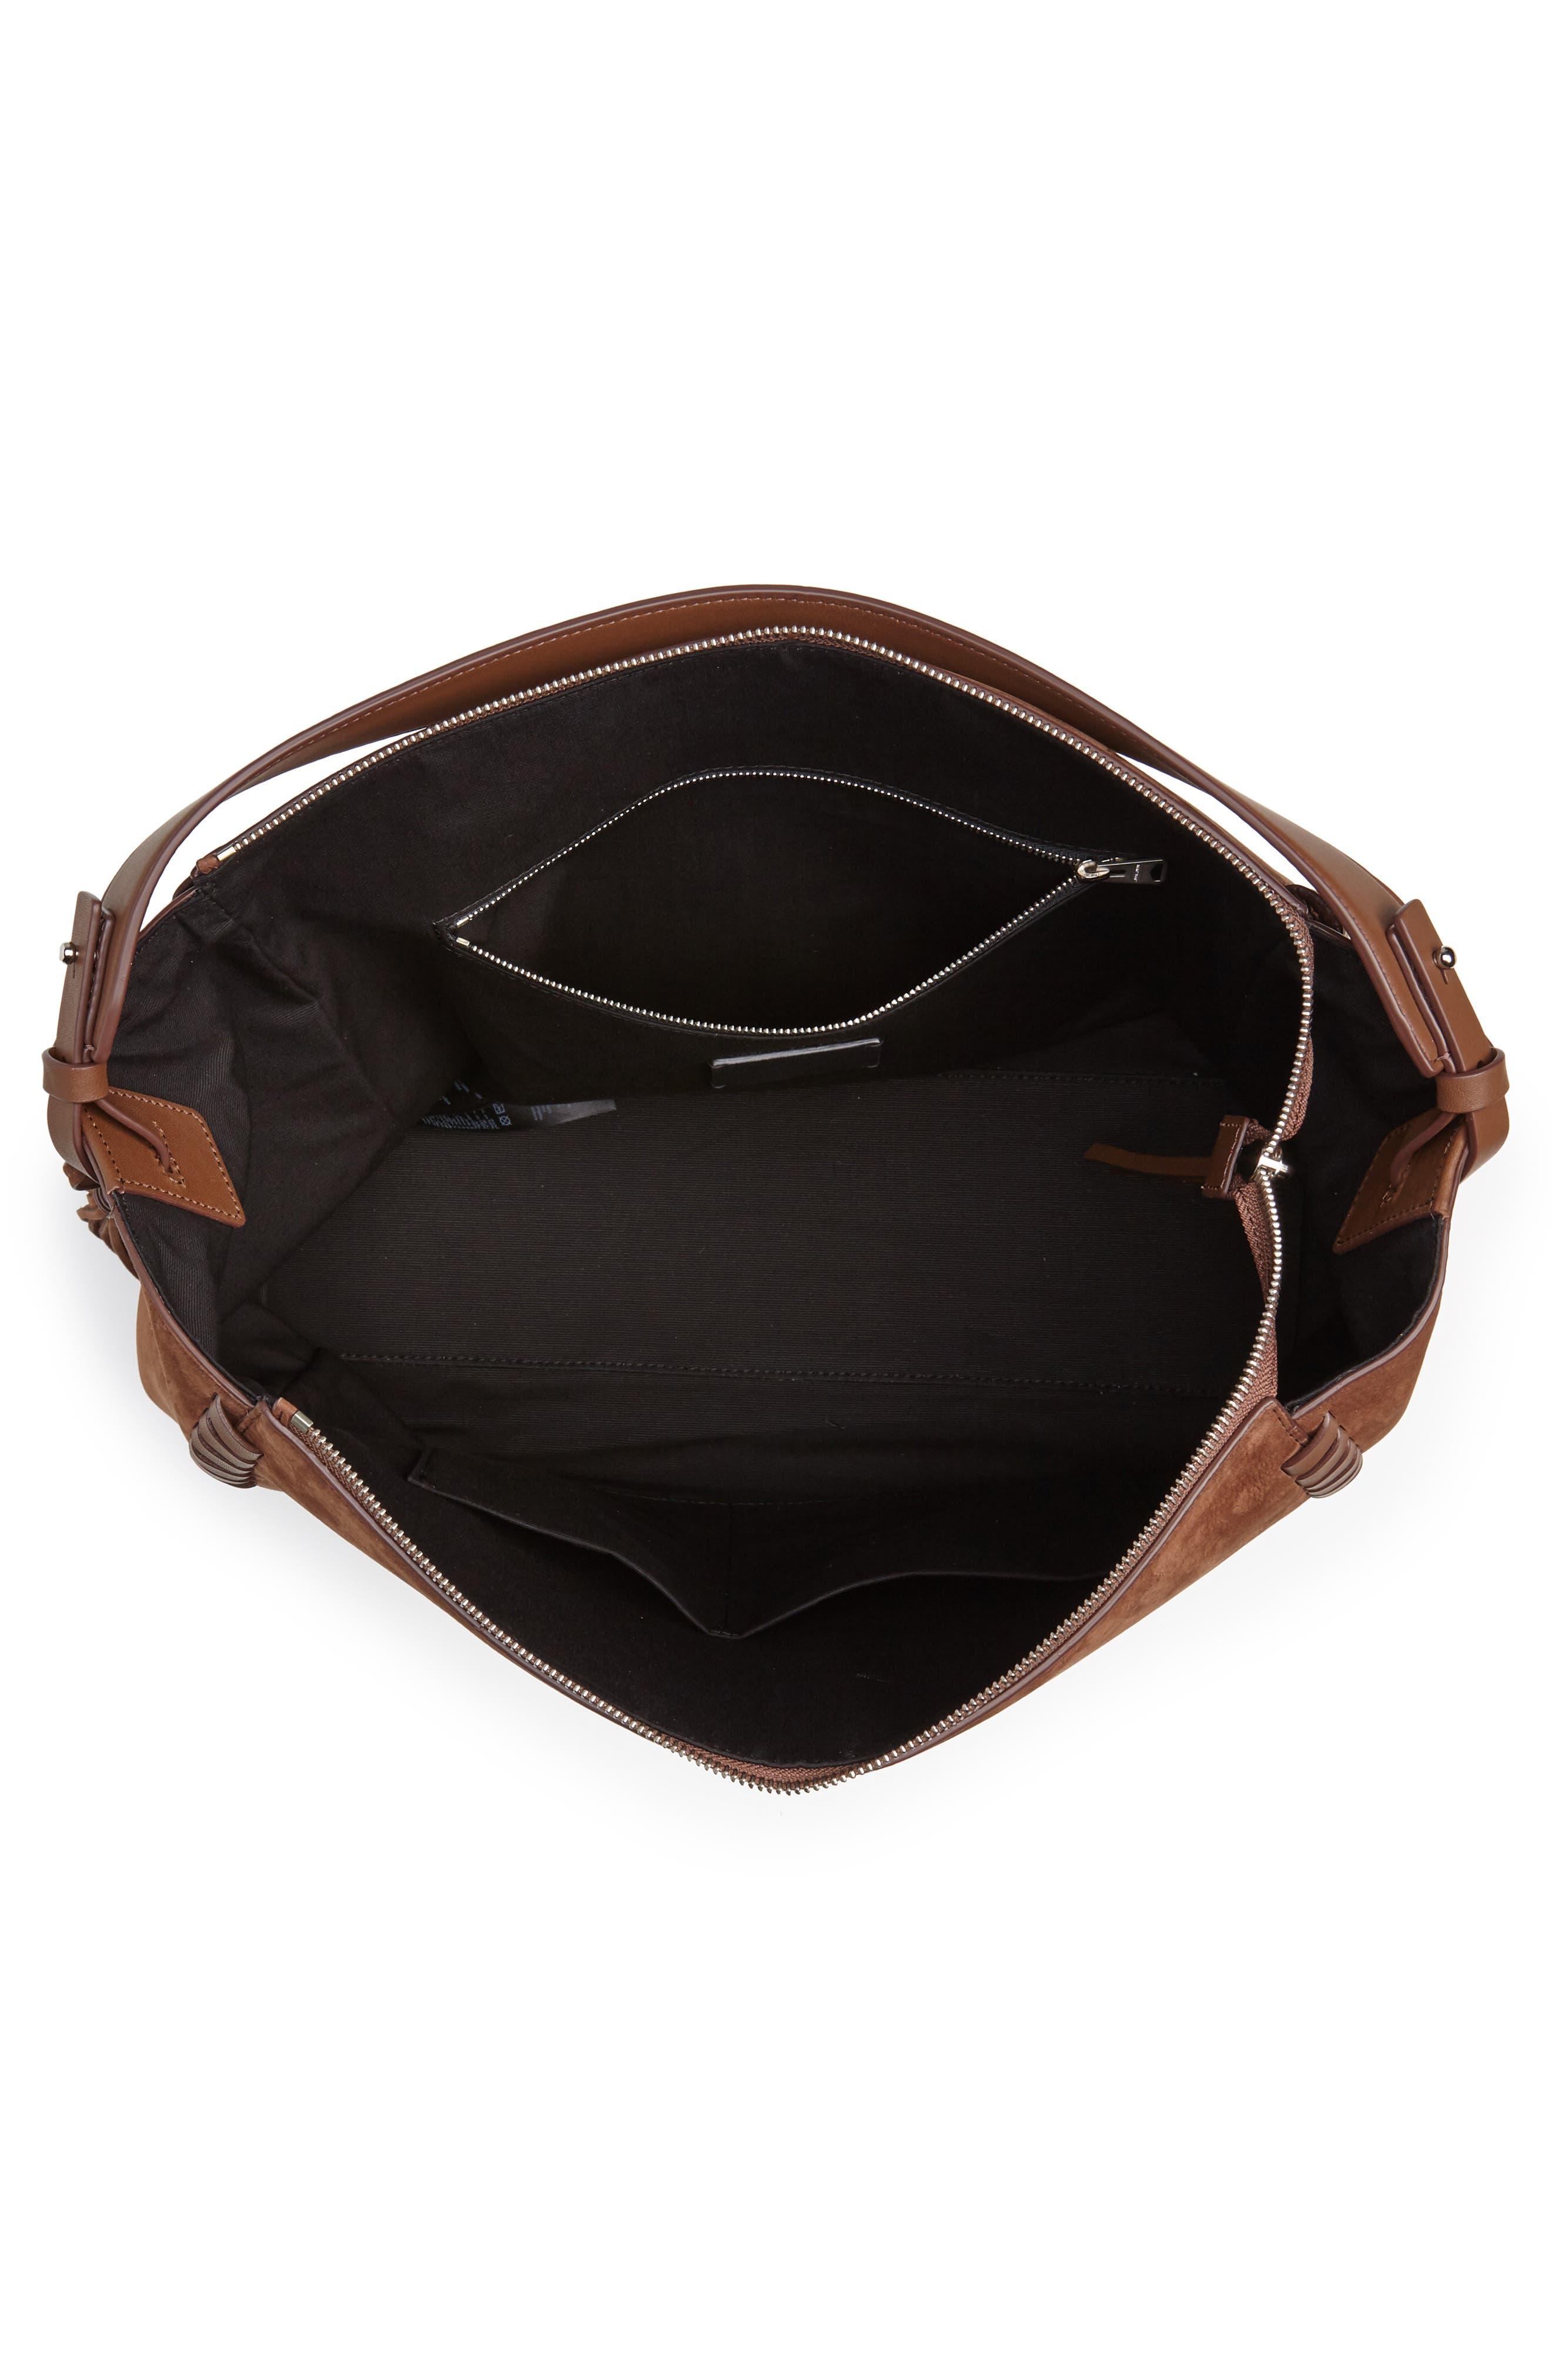 Kepi East/West Leather Shoulder Bag,                             Alternate thumbnail 4, color,                             210